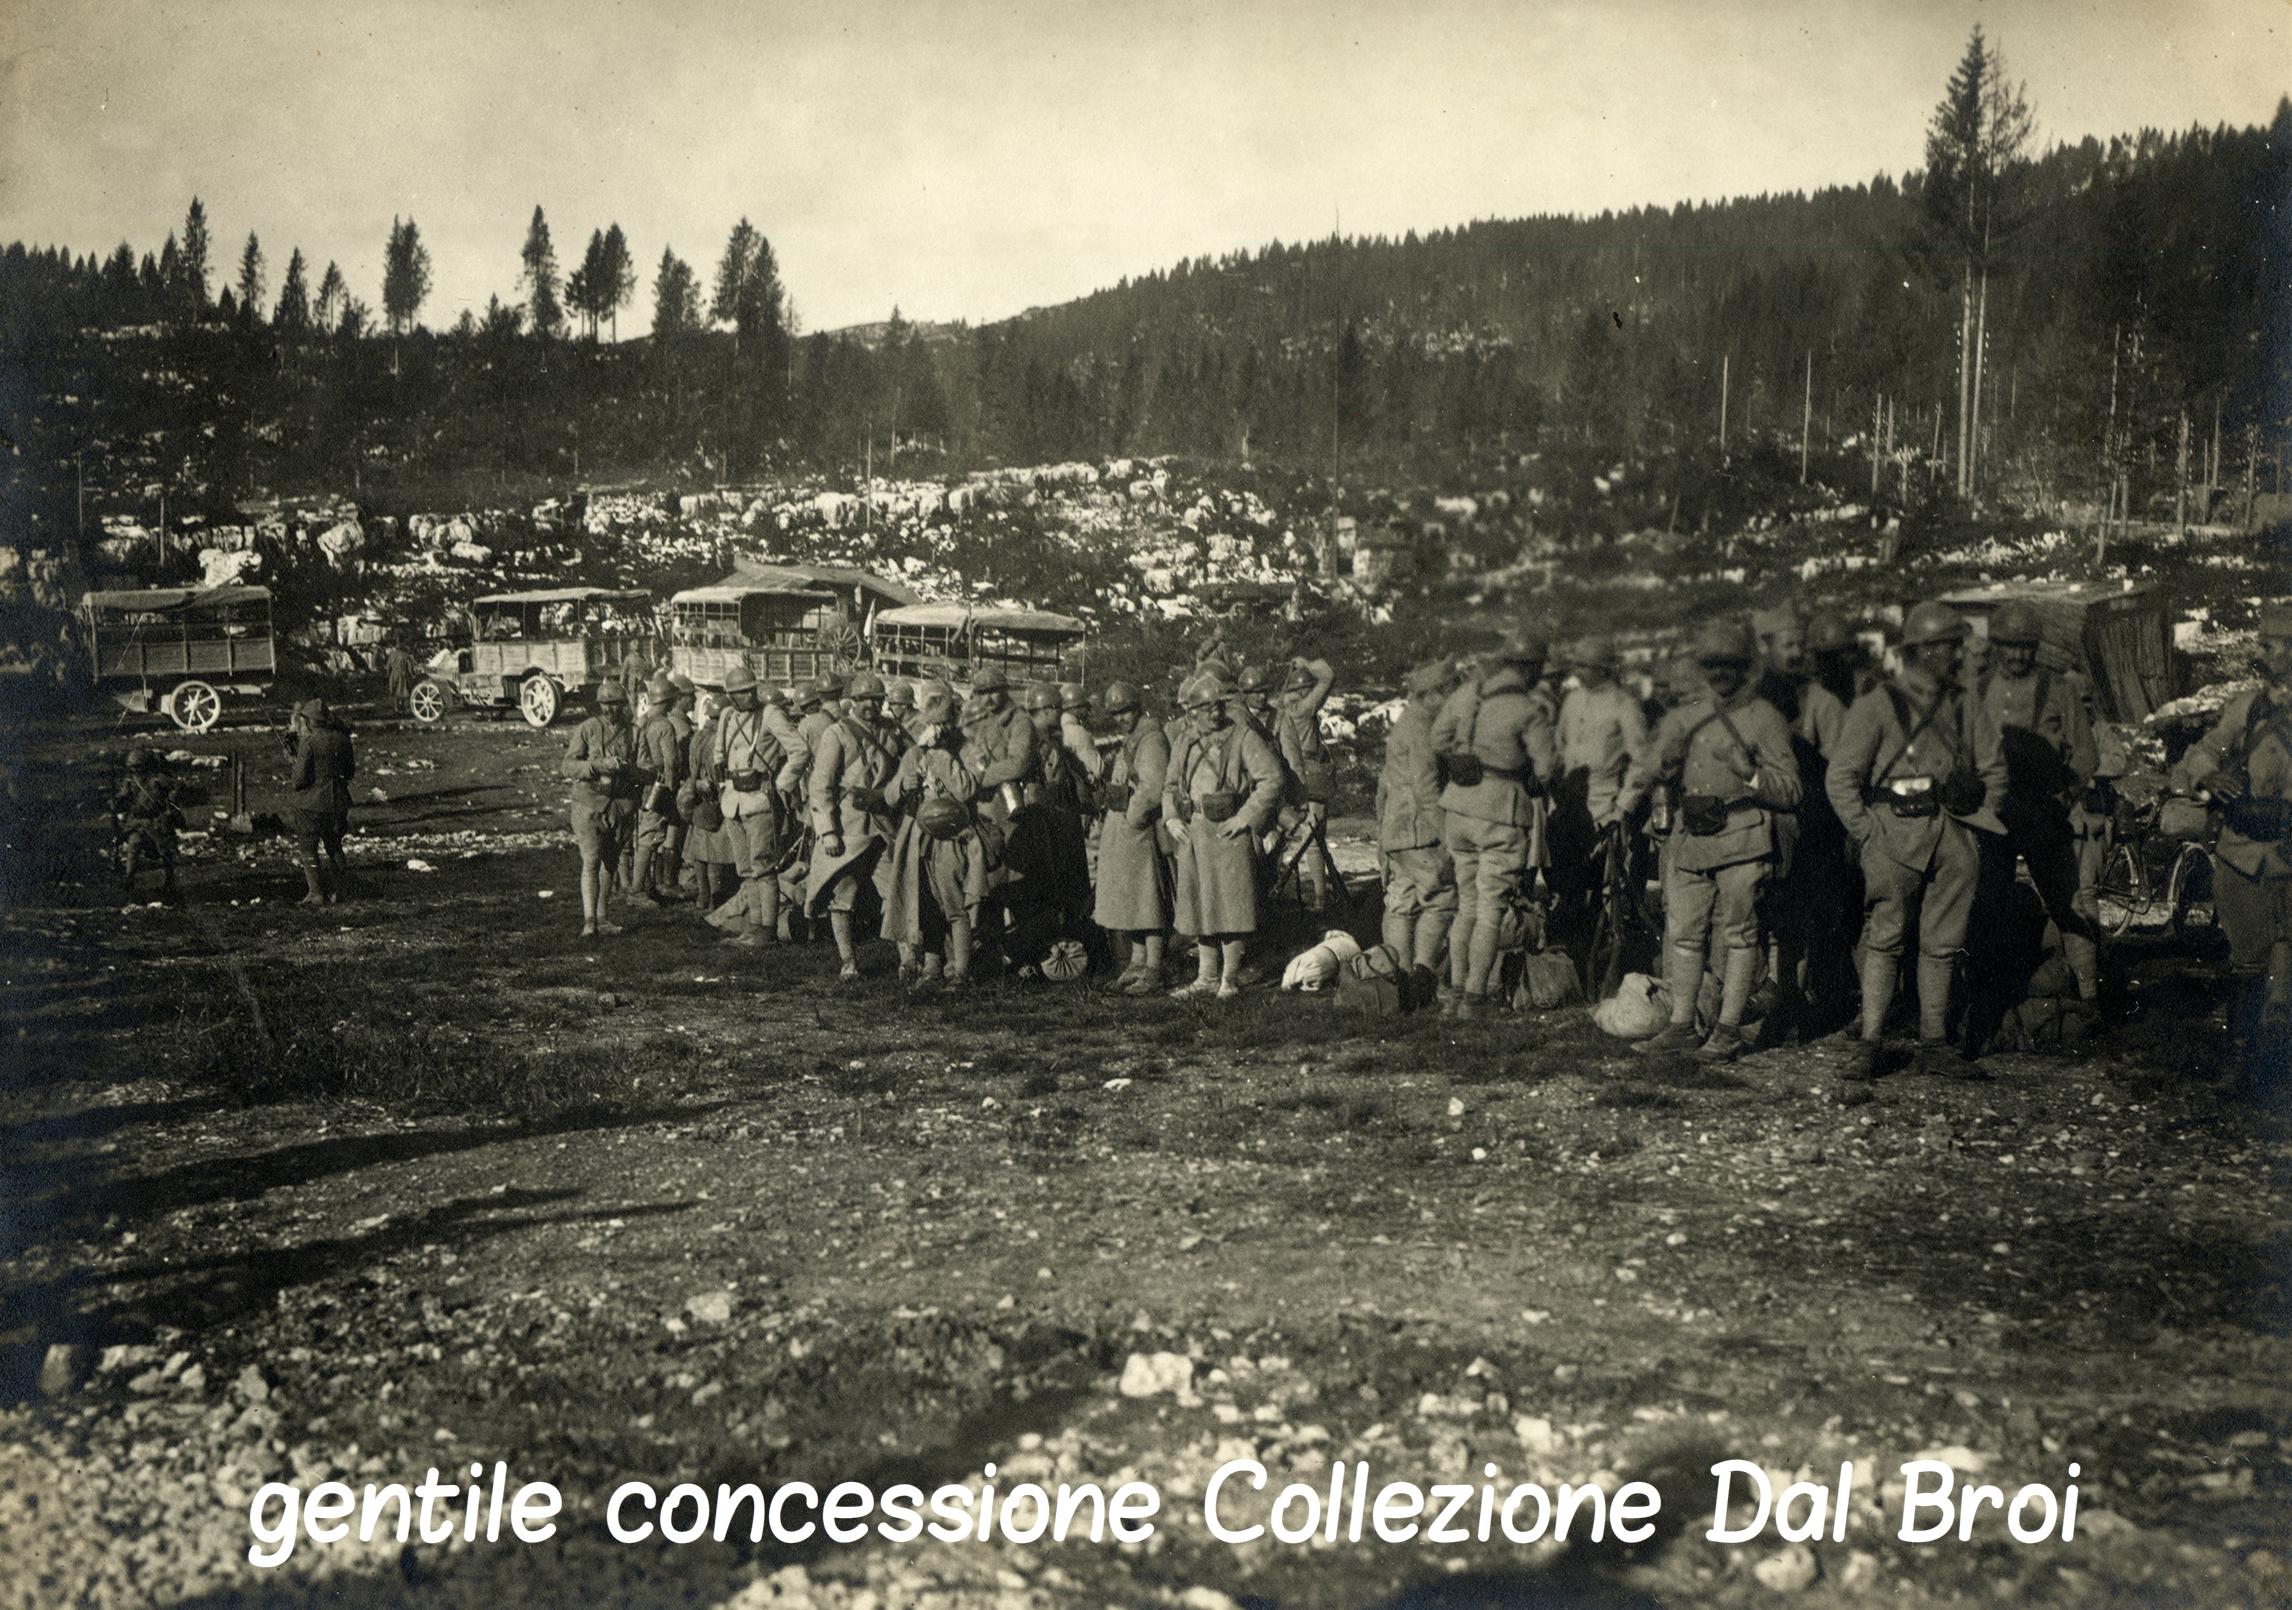 03 - Truppe francesi pronte per l'impiego in prima linea (ASDM - coll dal broi) (c).jpg